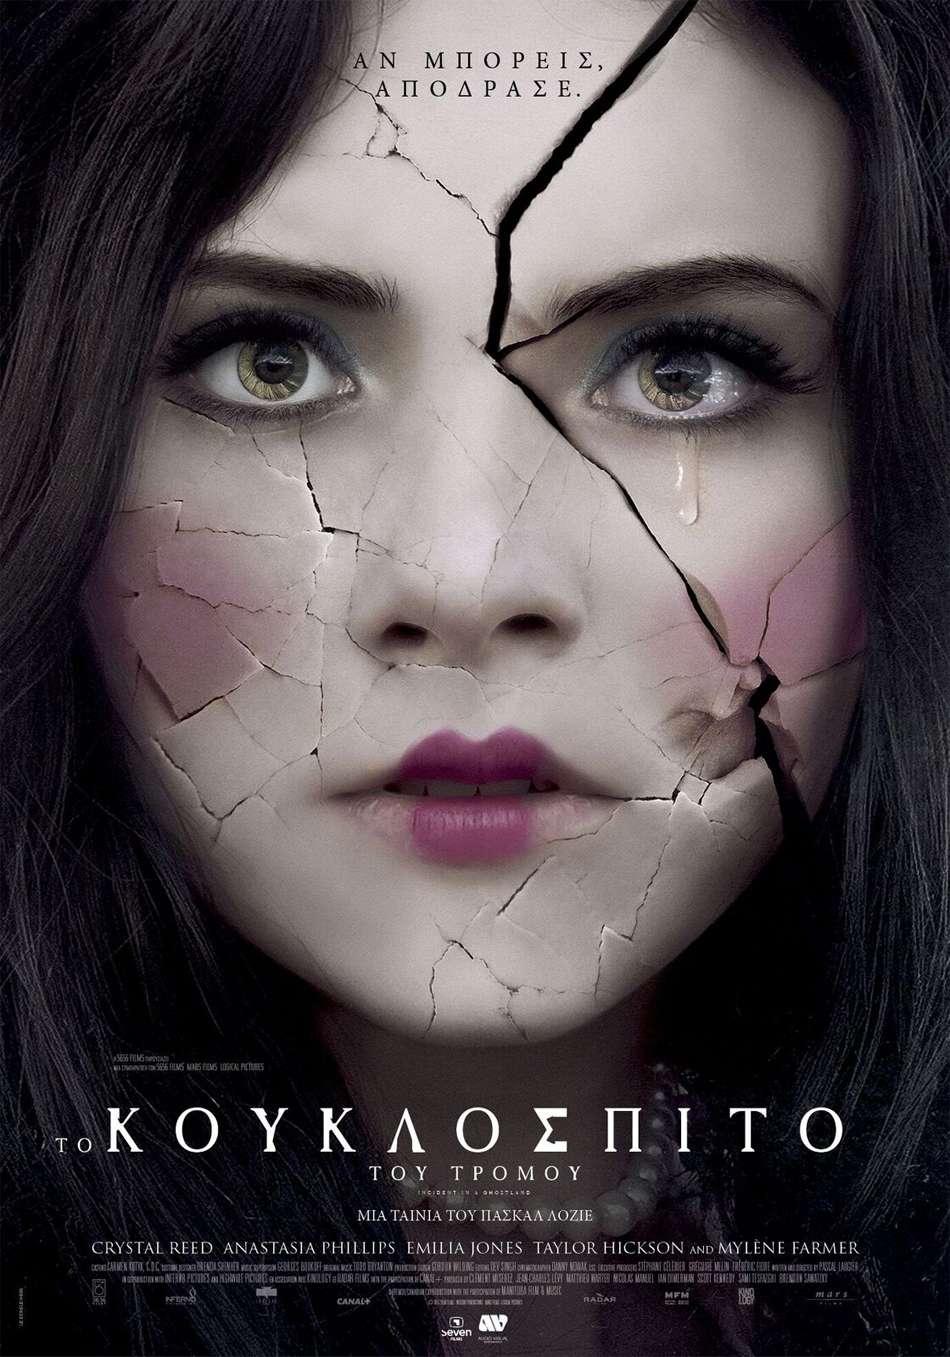 Το κουκλόσπιτο του τρόμου (Ghostland) Poster Πόστερ